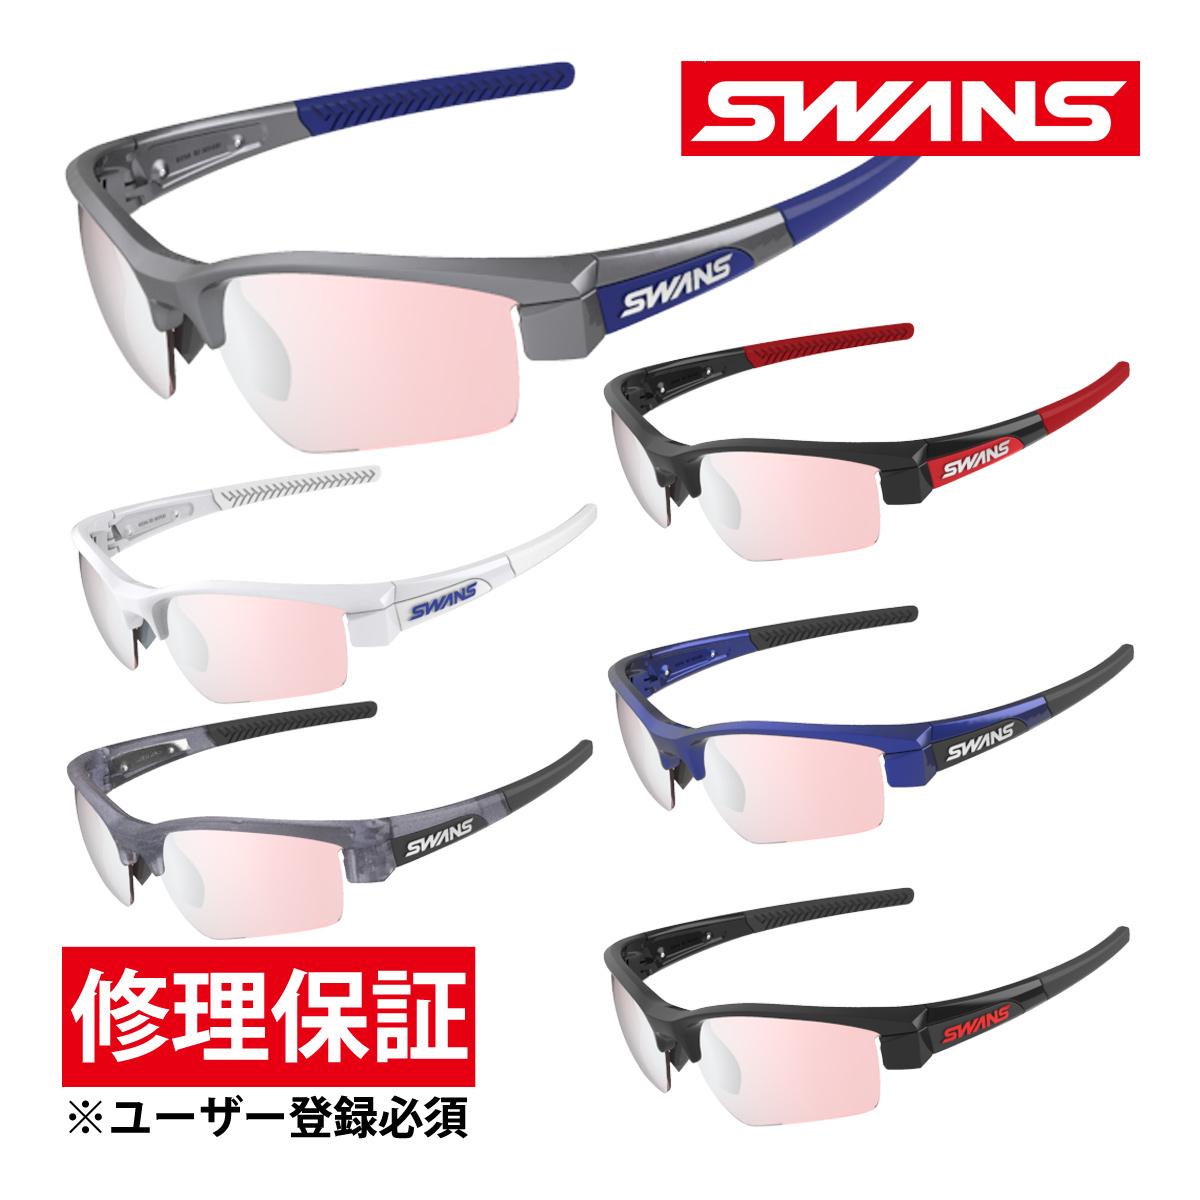 サングラス ミラーレンズ シルバーミラー×ライトピンク メンズ レディース ドライブ 釣り ゴルフ スポーツ LION SIN フレーム+L-LI SIN-0709 PI/SL おすすめ 人気 SWANS スワンズ